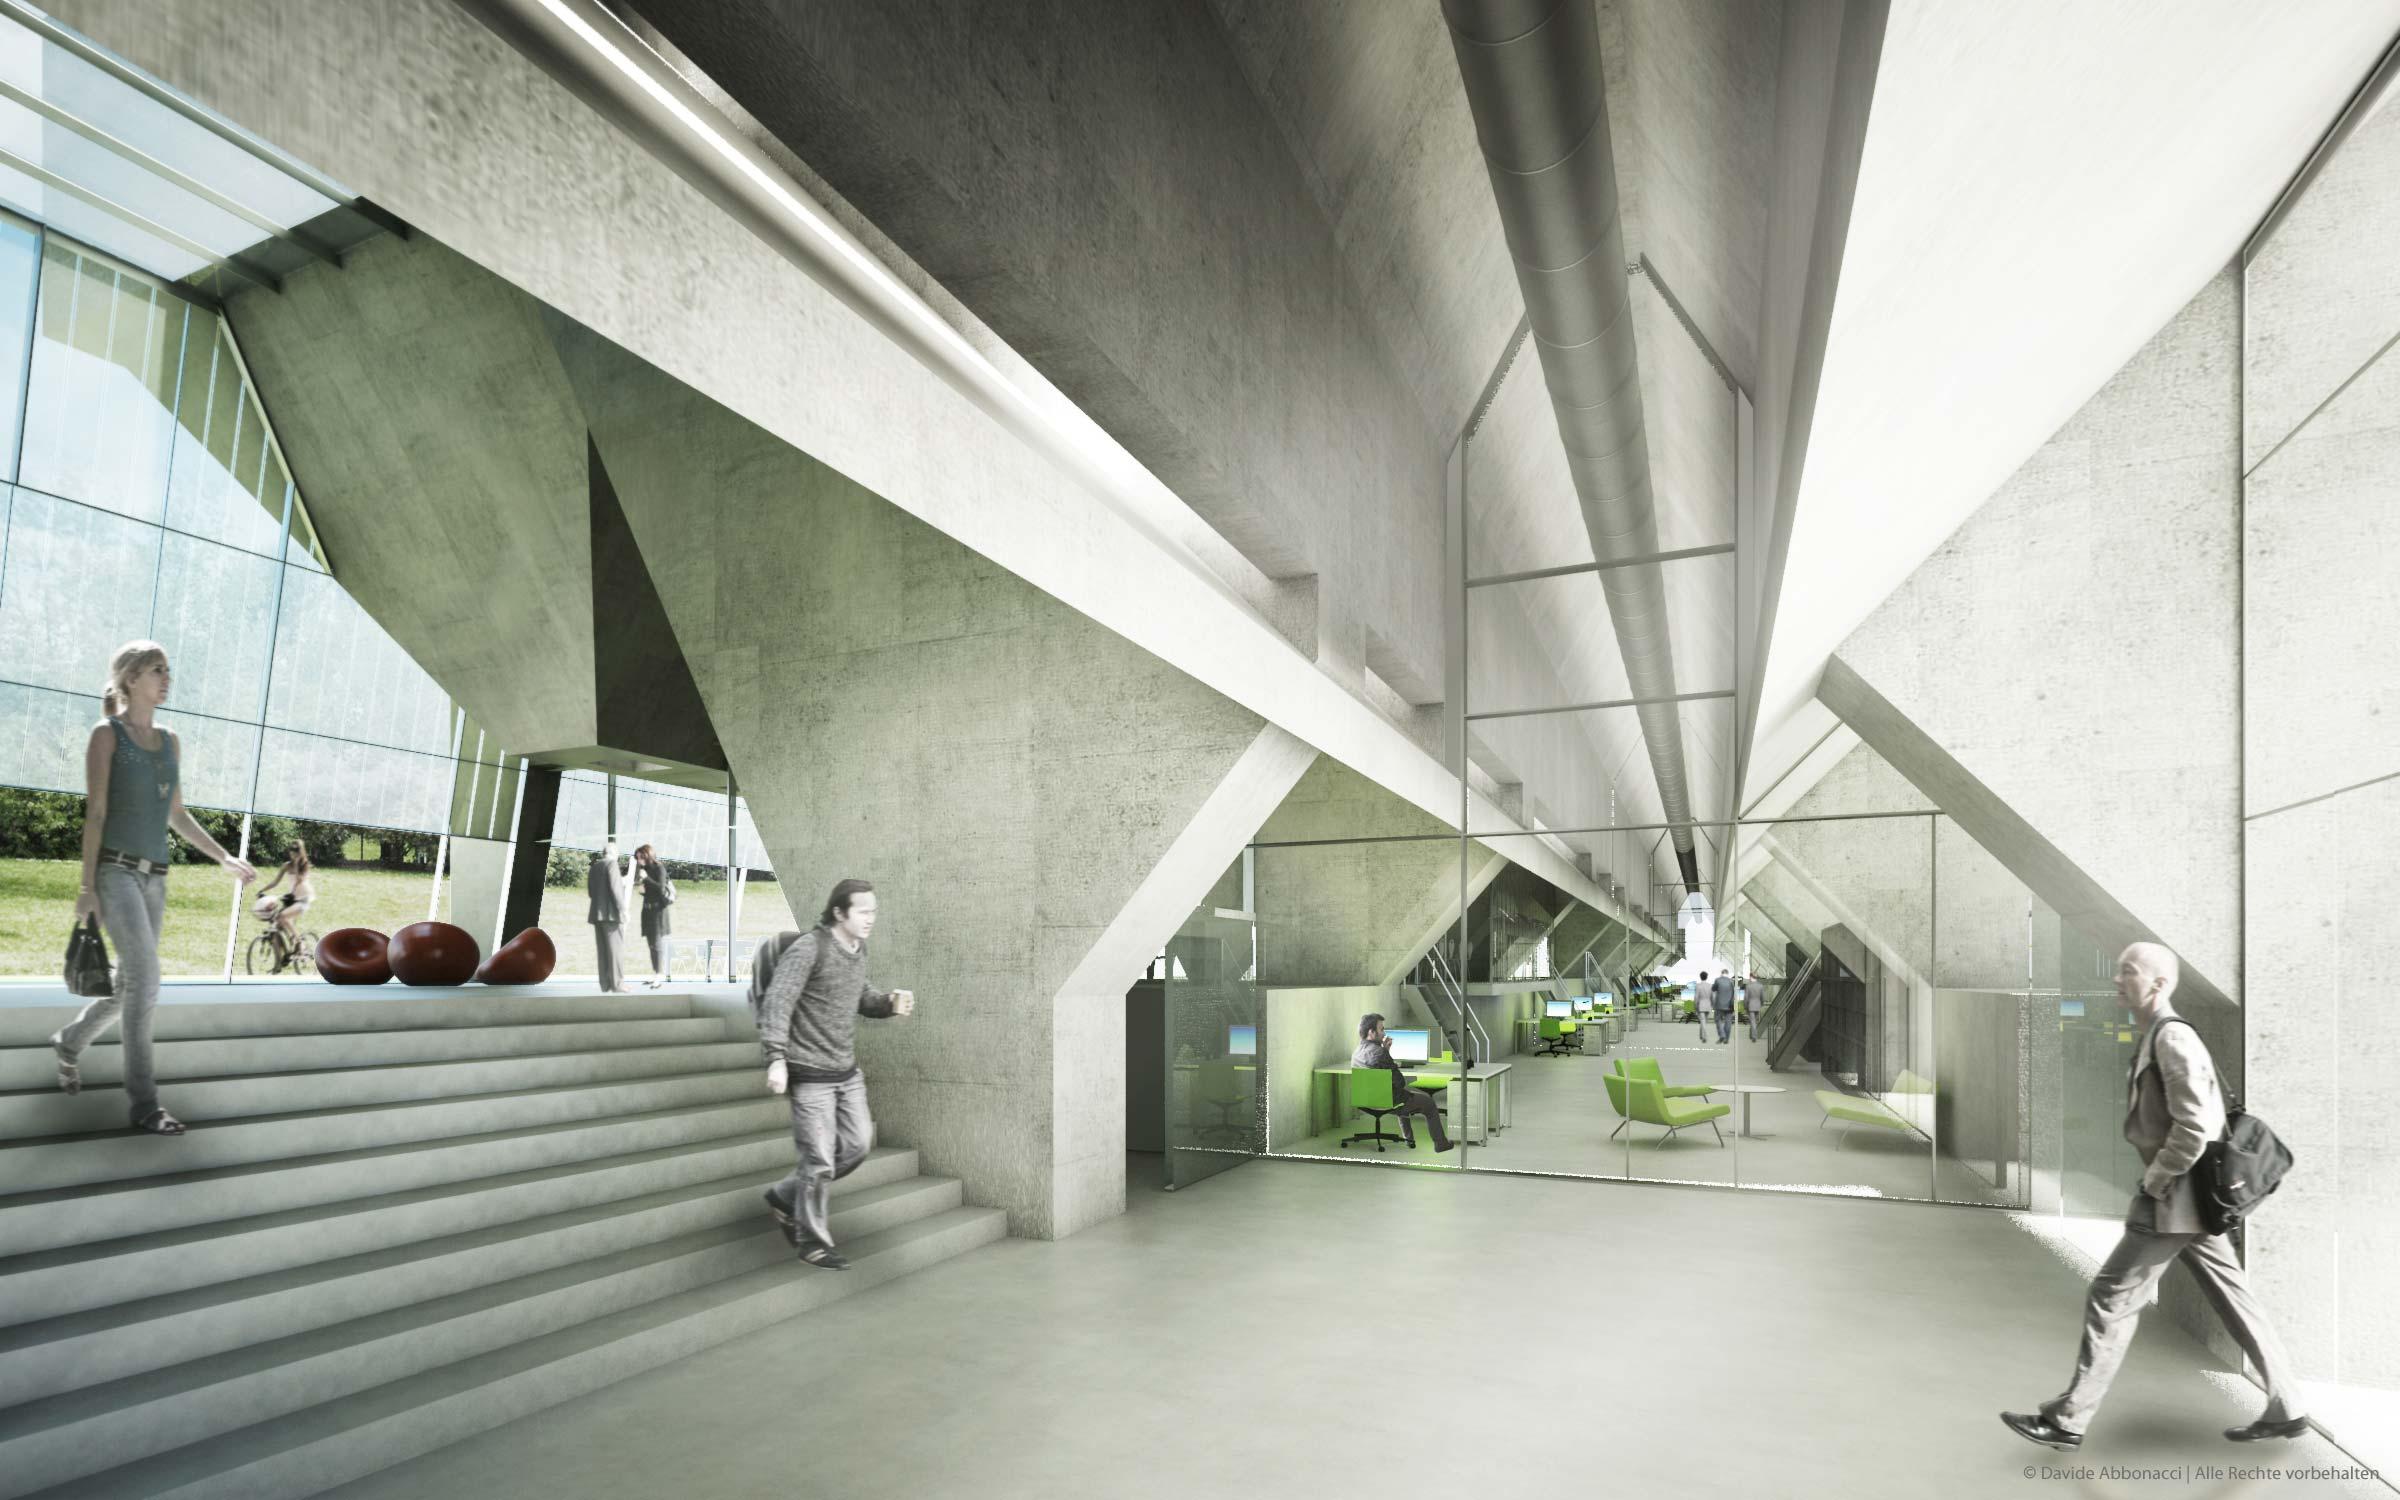 Umbau Erz- und Kohlebunker, Gelsenkirchen | ind-initialdesign | 2010 Akquise | Studie